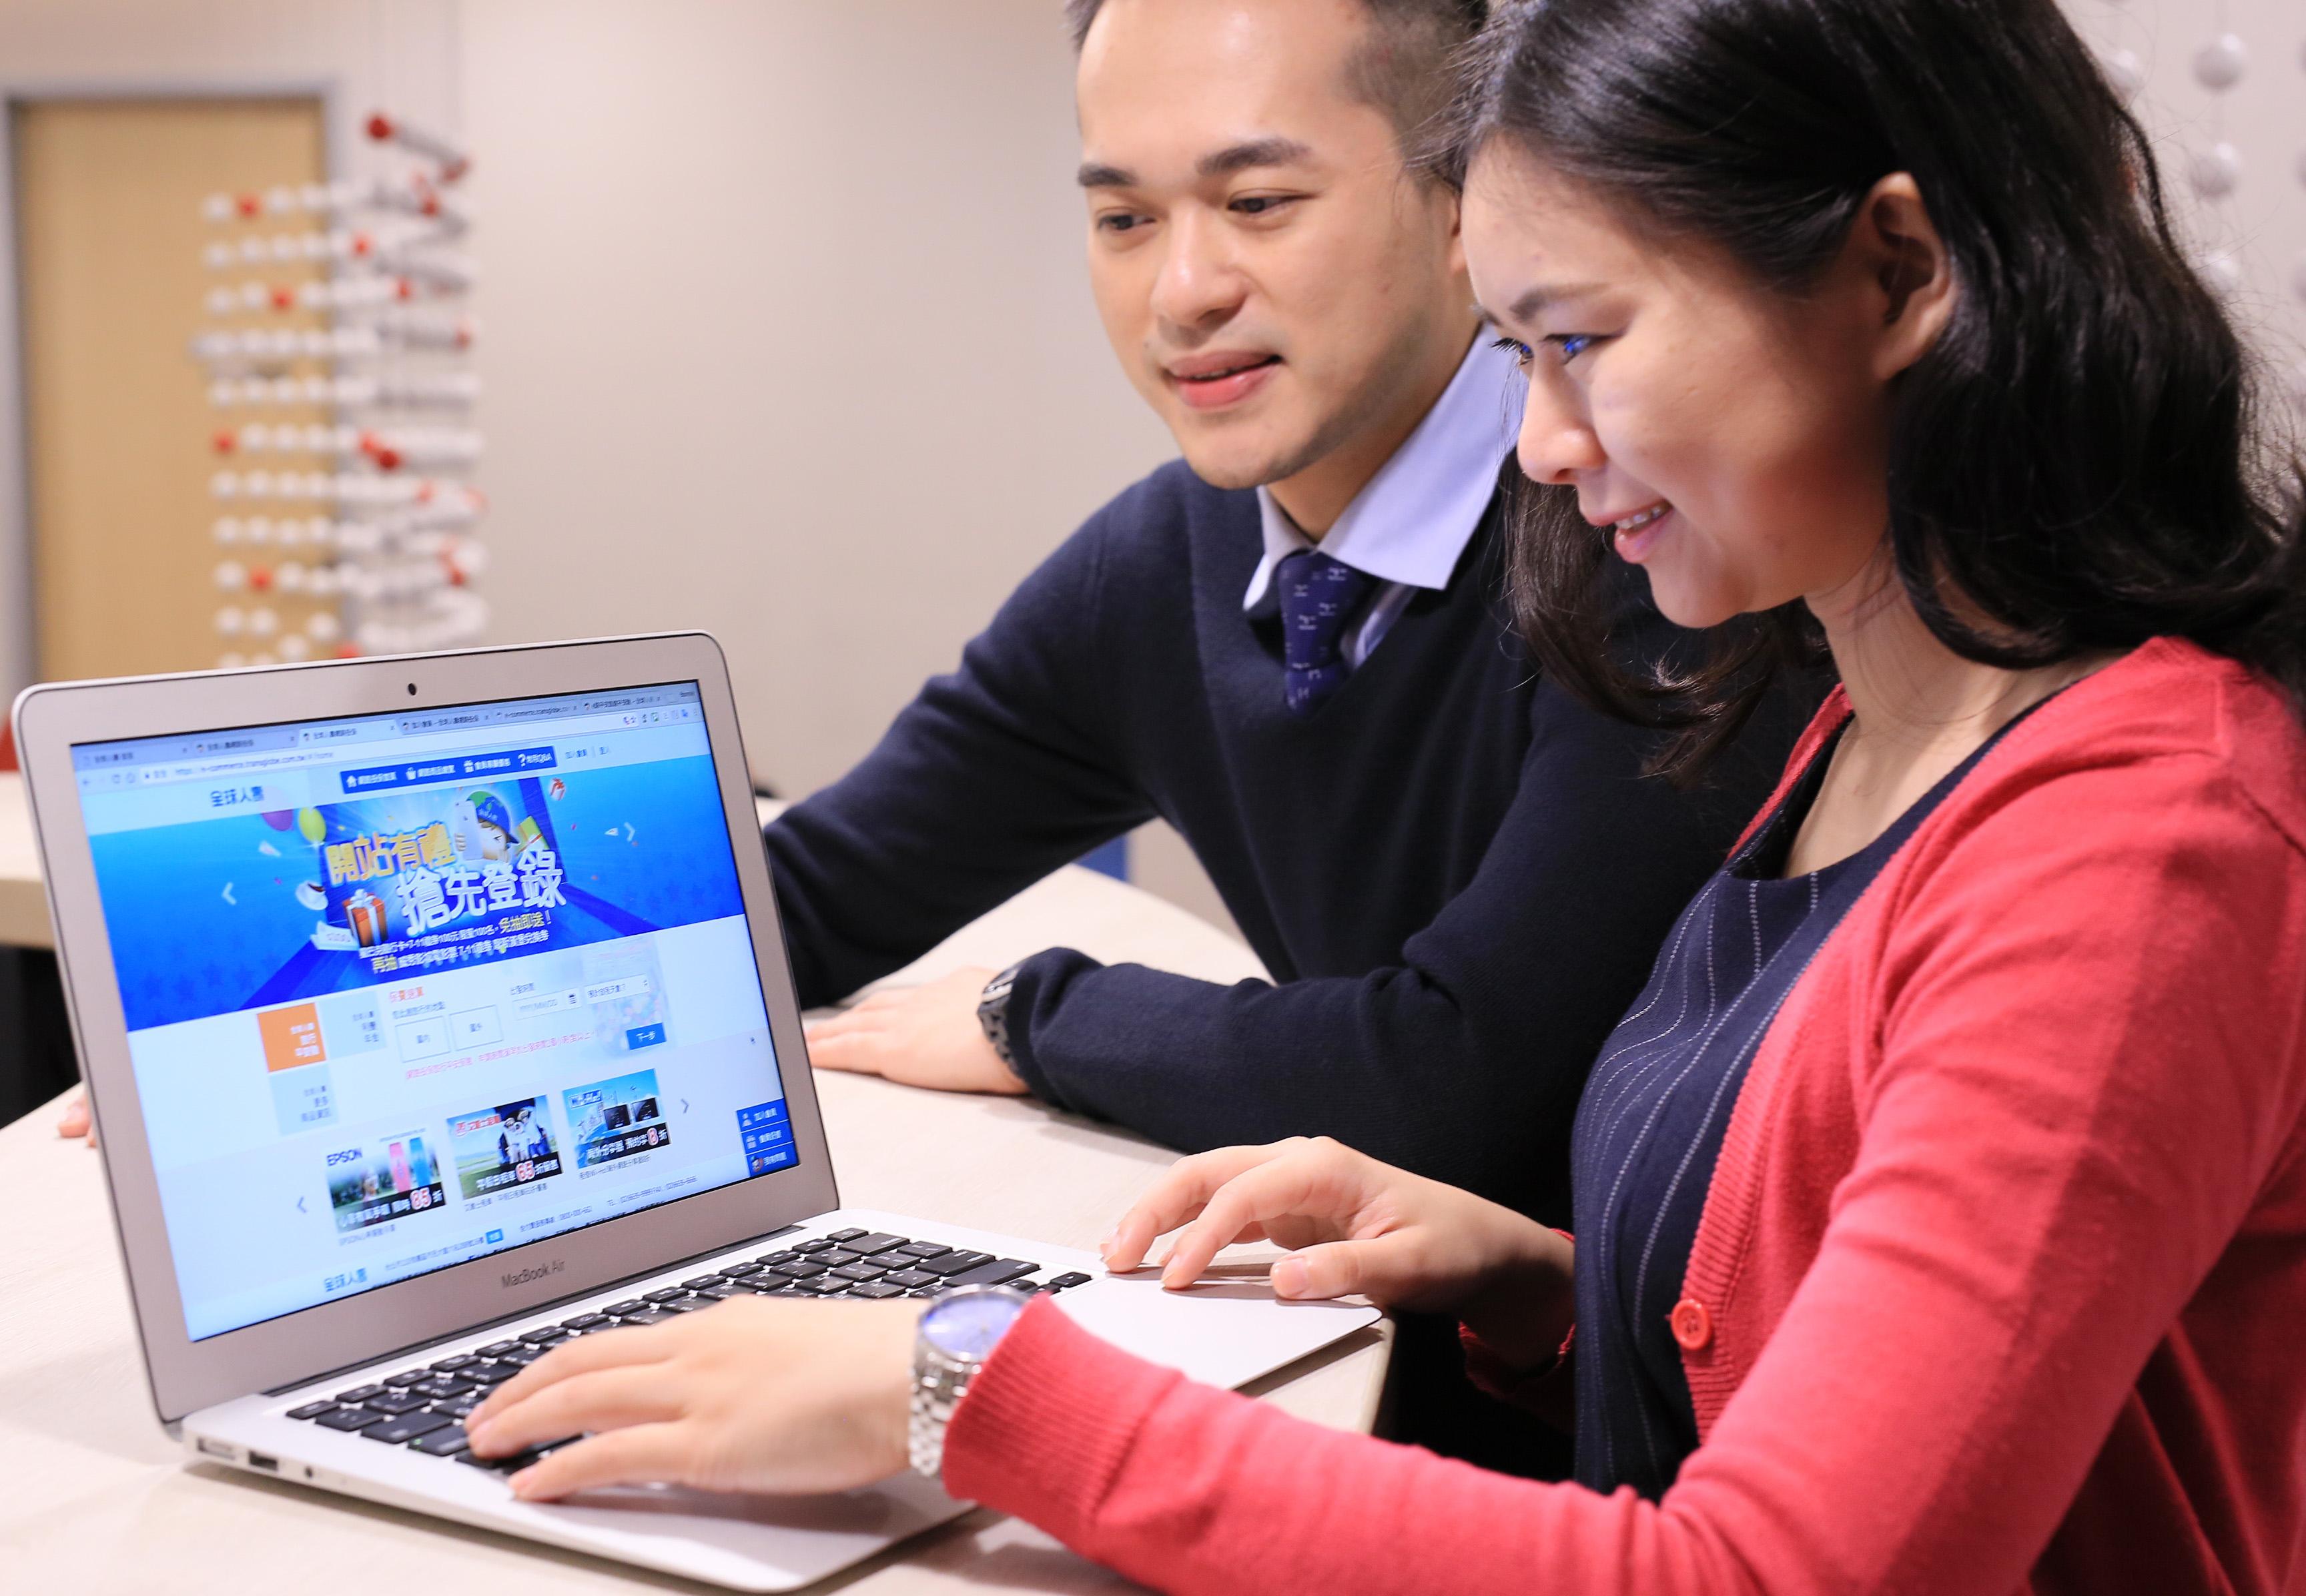 全球人壽網路投保平台正式上線 註冊會員免費抽3好禮